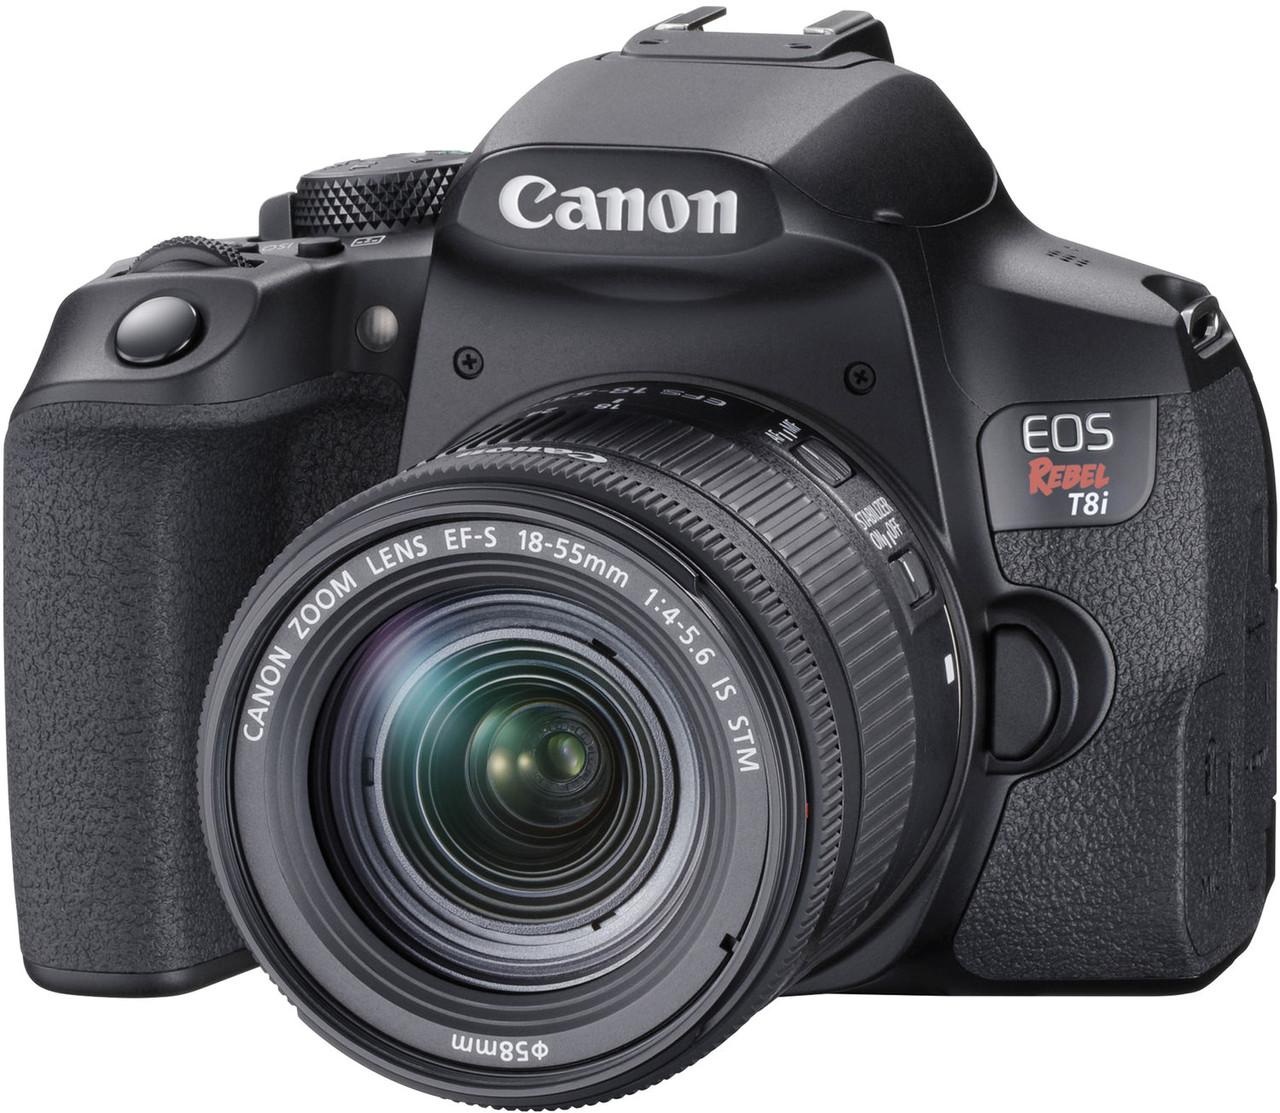 Canon EOS Rebel T8i Digital SLR Camera with EF-S 18-55mm f4-5.6 IS STM Lens